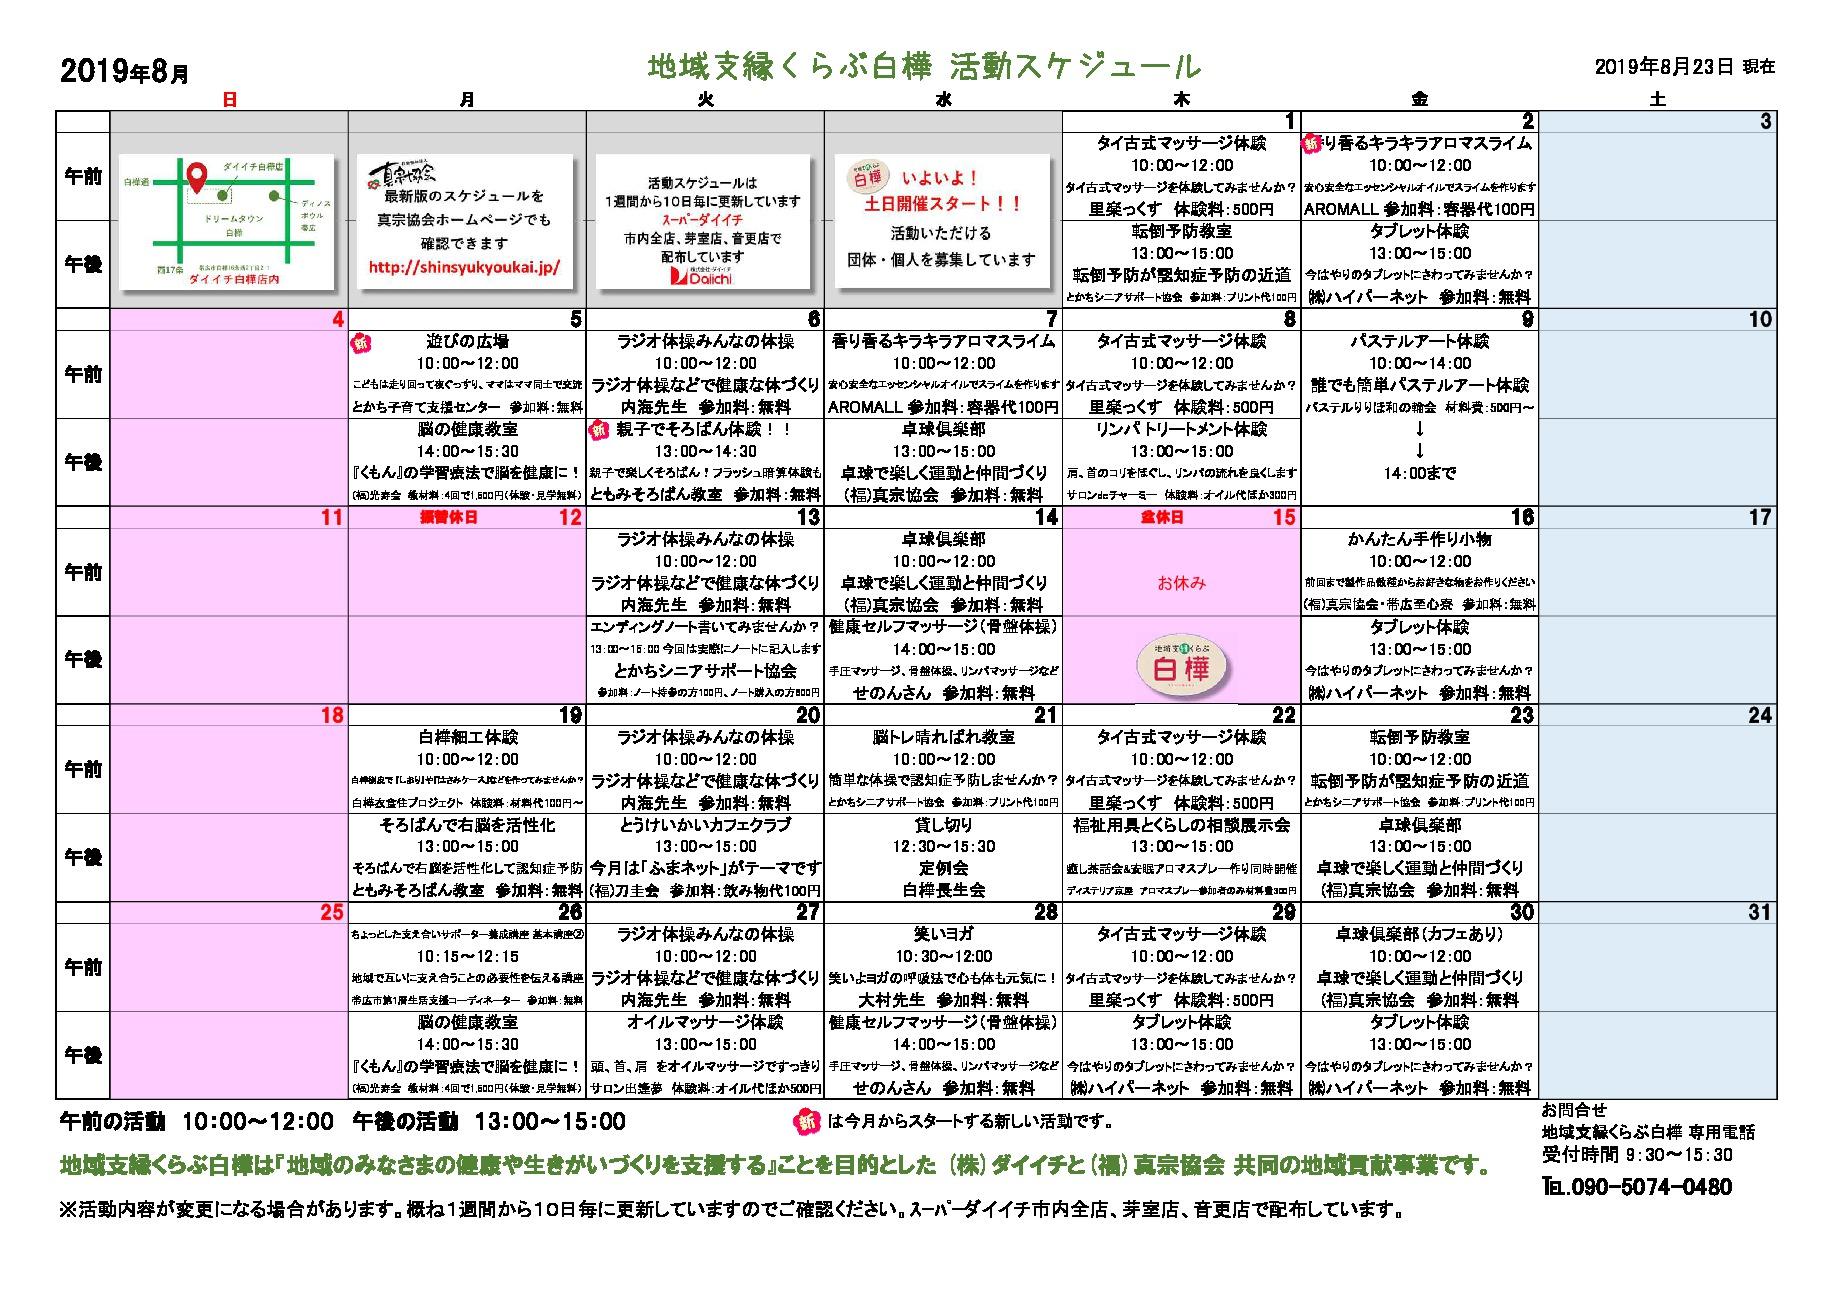 2019活動スケジュール8(2019.8.23付)のサムネイル